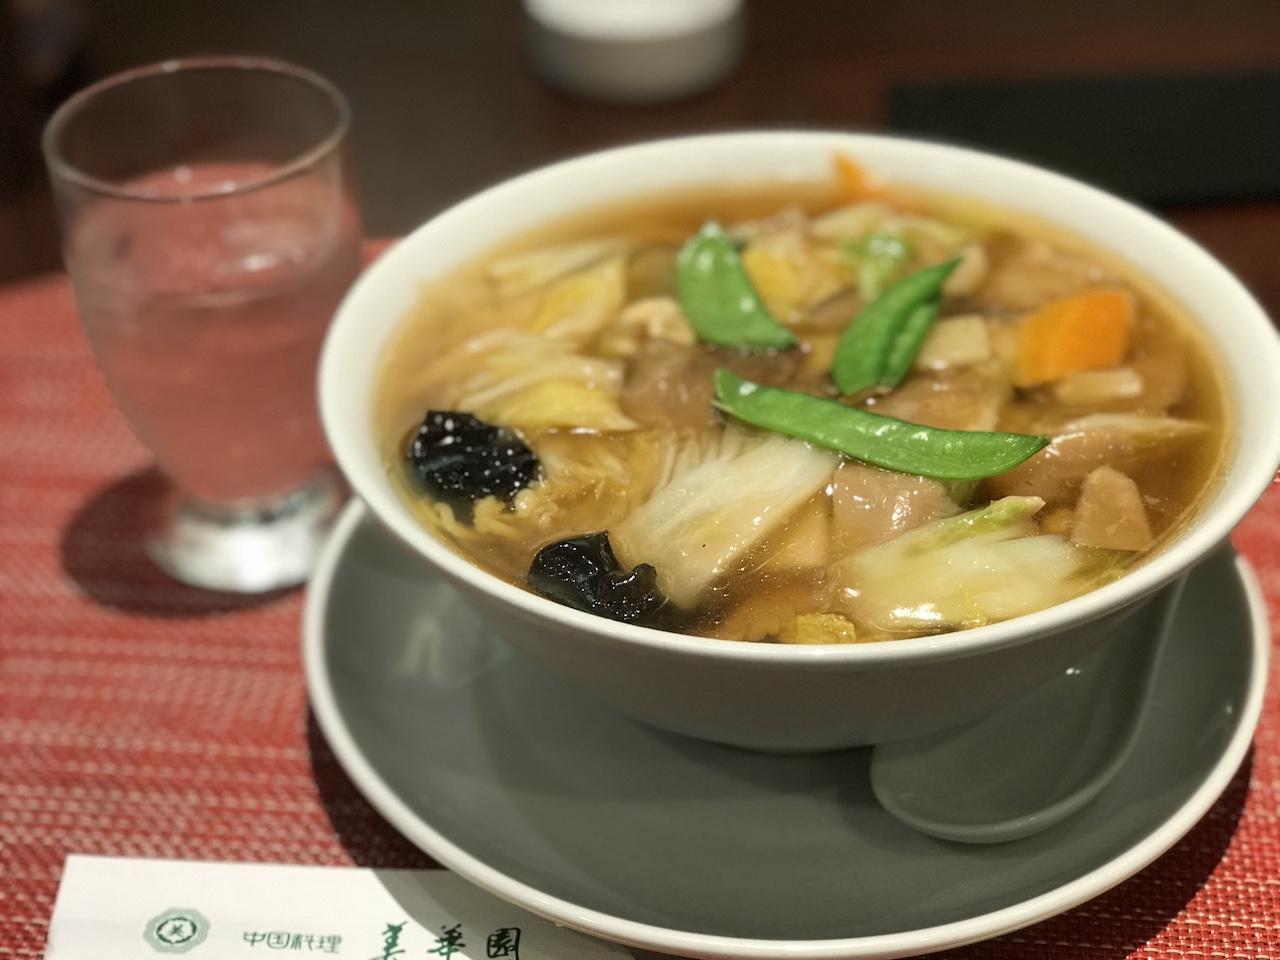 【中華料理・美華園@新橋】五目つゆそばの優しい味に癒される。